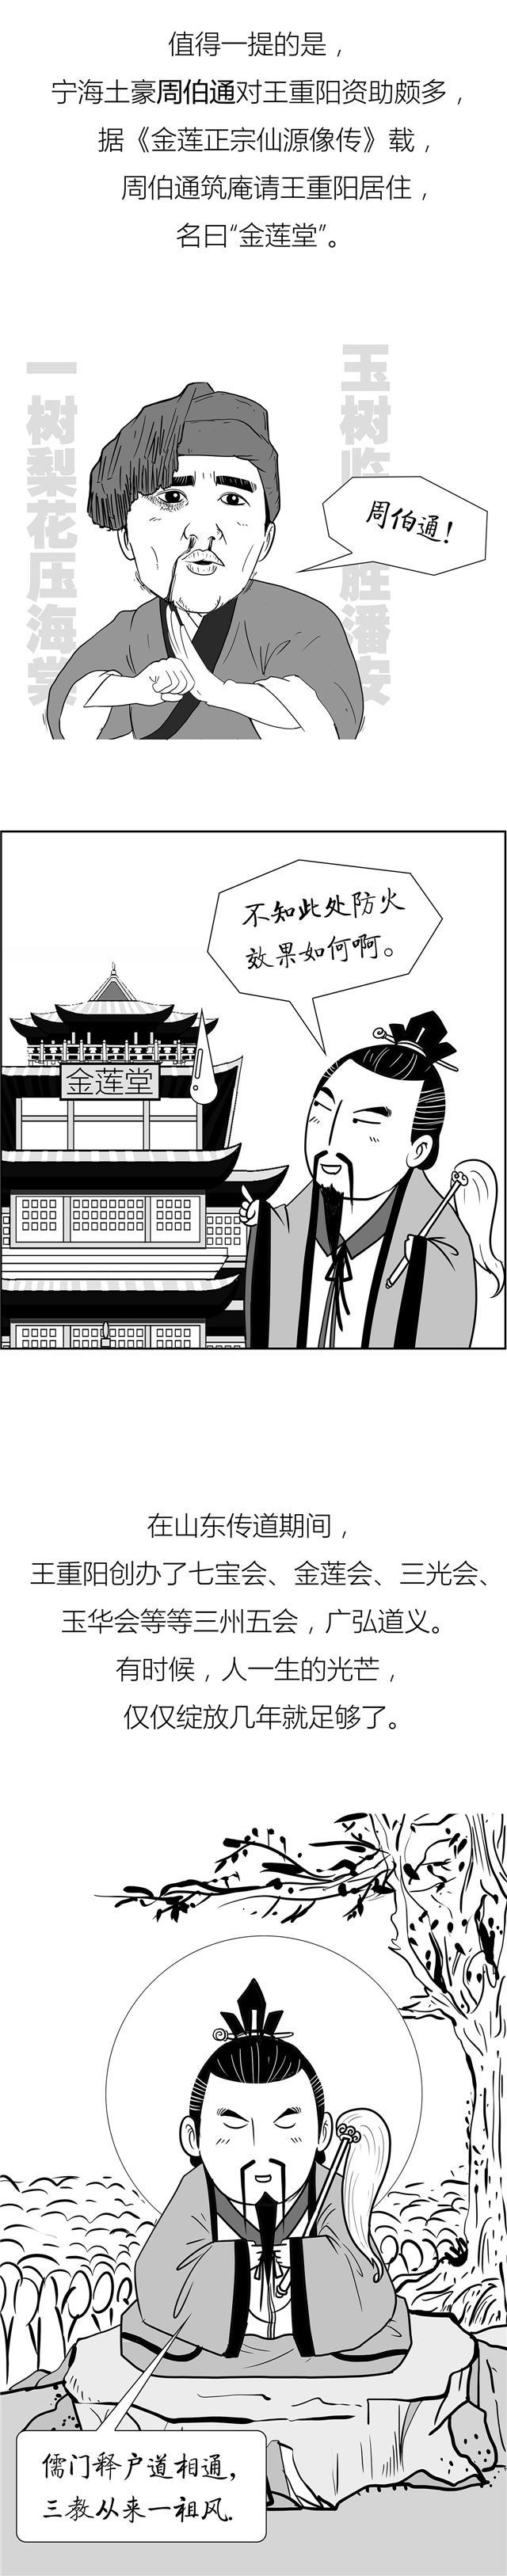 当代全真弟子解密祖师爷王重阳:是武林高手,但和林朝英没有关系